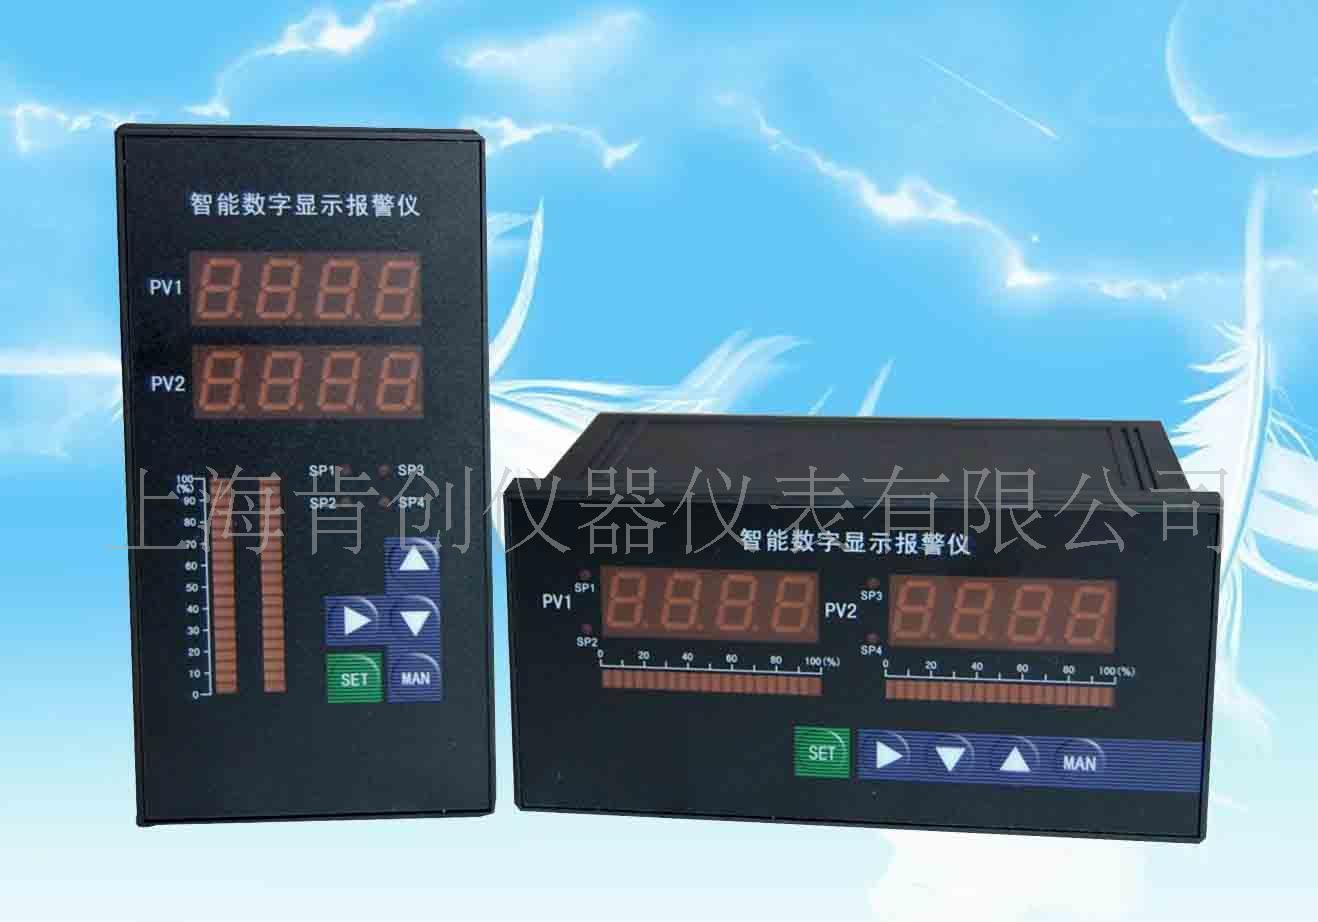 供应双回路光柱显示控制仪_供应求购_华强led网